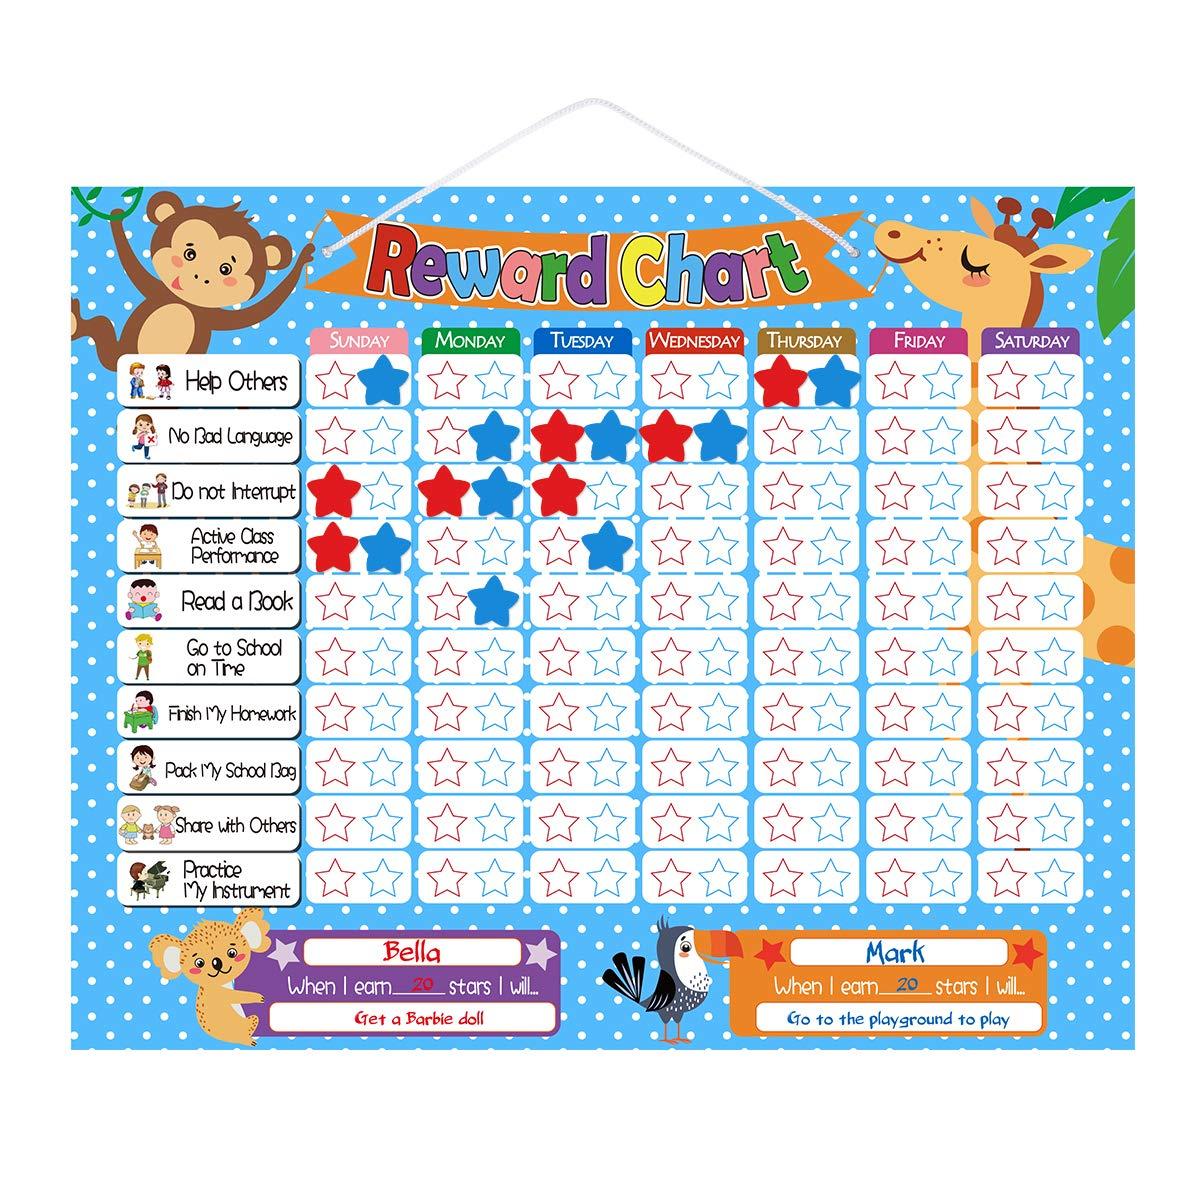 TOYMYTOY Belohnungstafel Kinder Dry Erase Board Magnetischer Sternchenplan Abwischbare Belohnungssystem Wochenplaner Brett mit Geschenkbox Kinder Vorschule Geburtstage